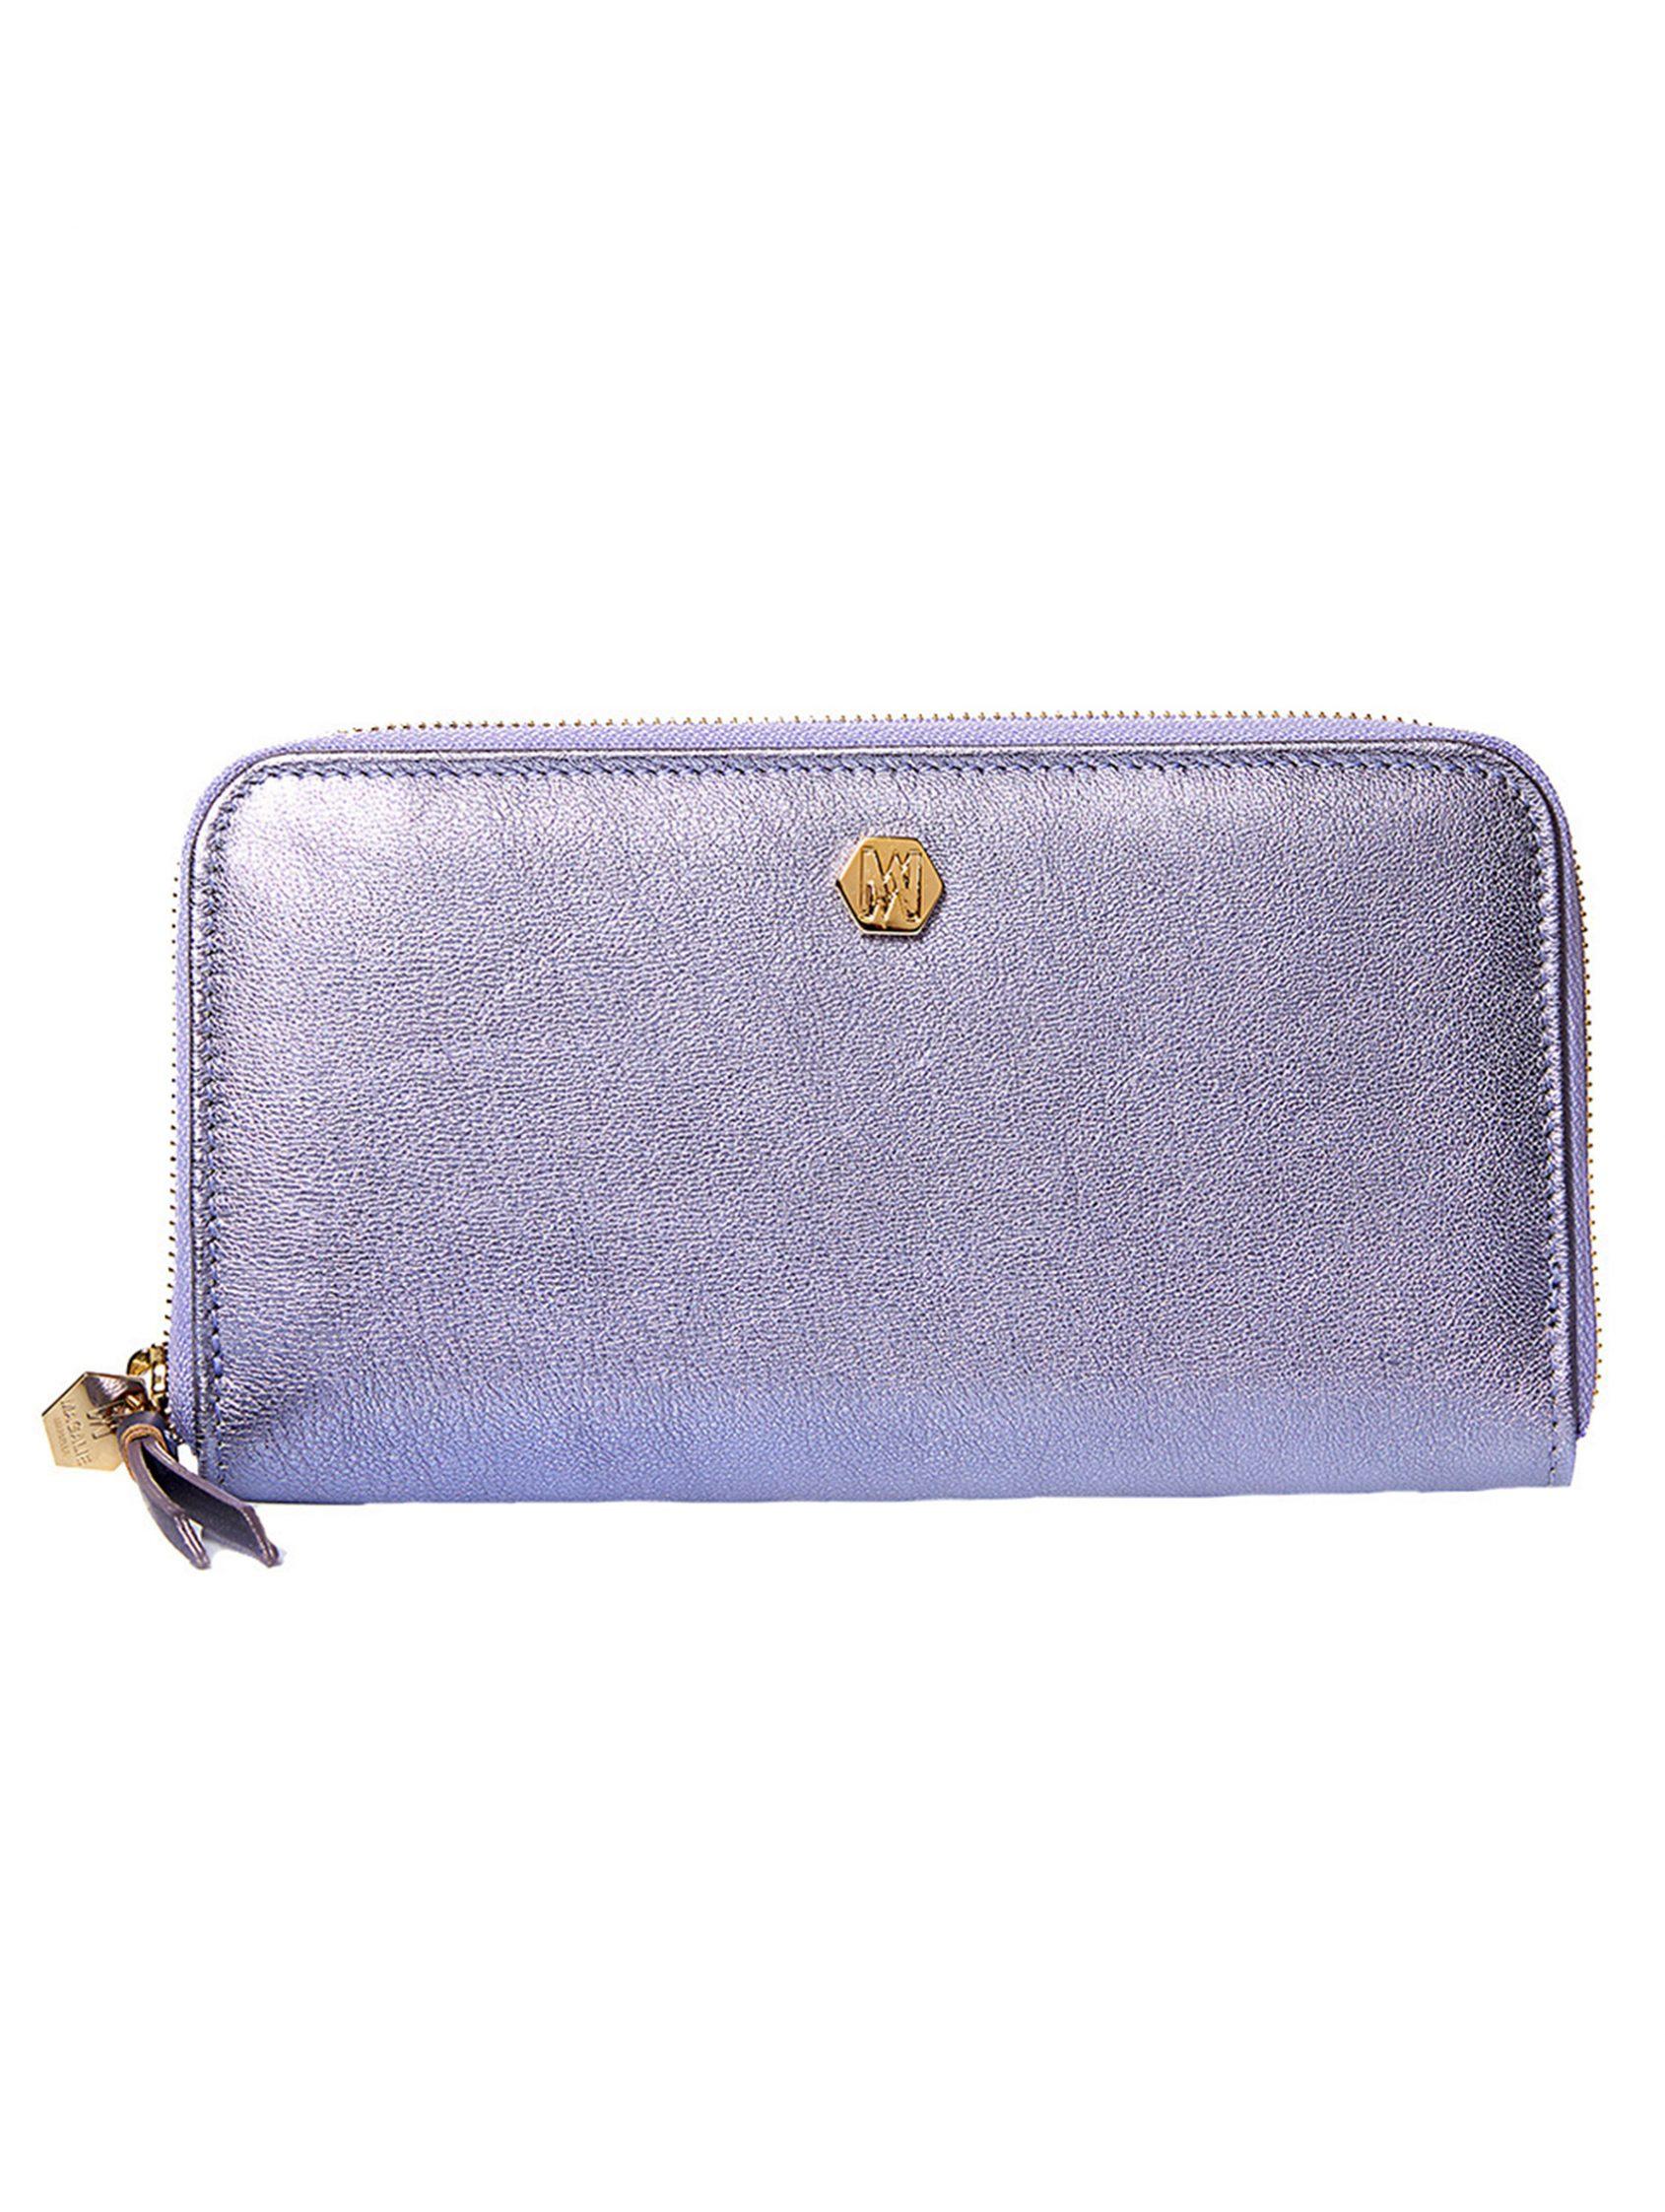 cartera billetera funky de piel en tono lavanda metalizado. Magalie